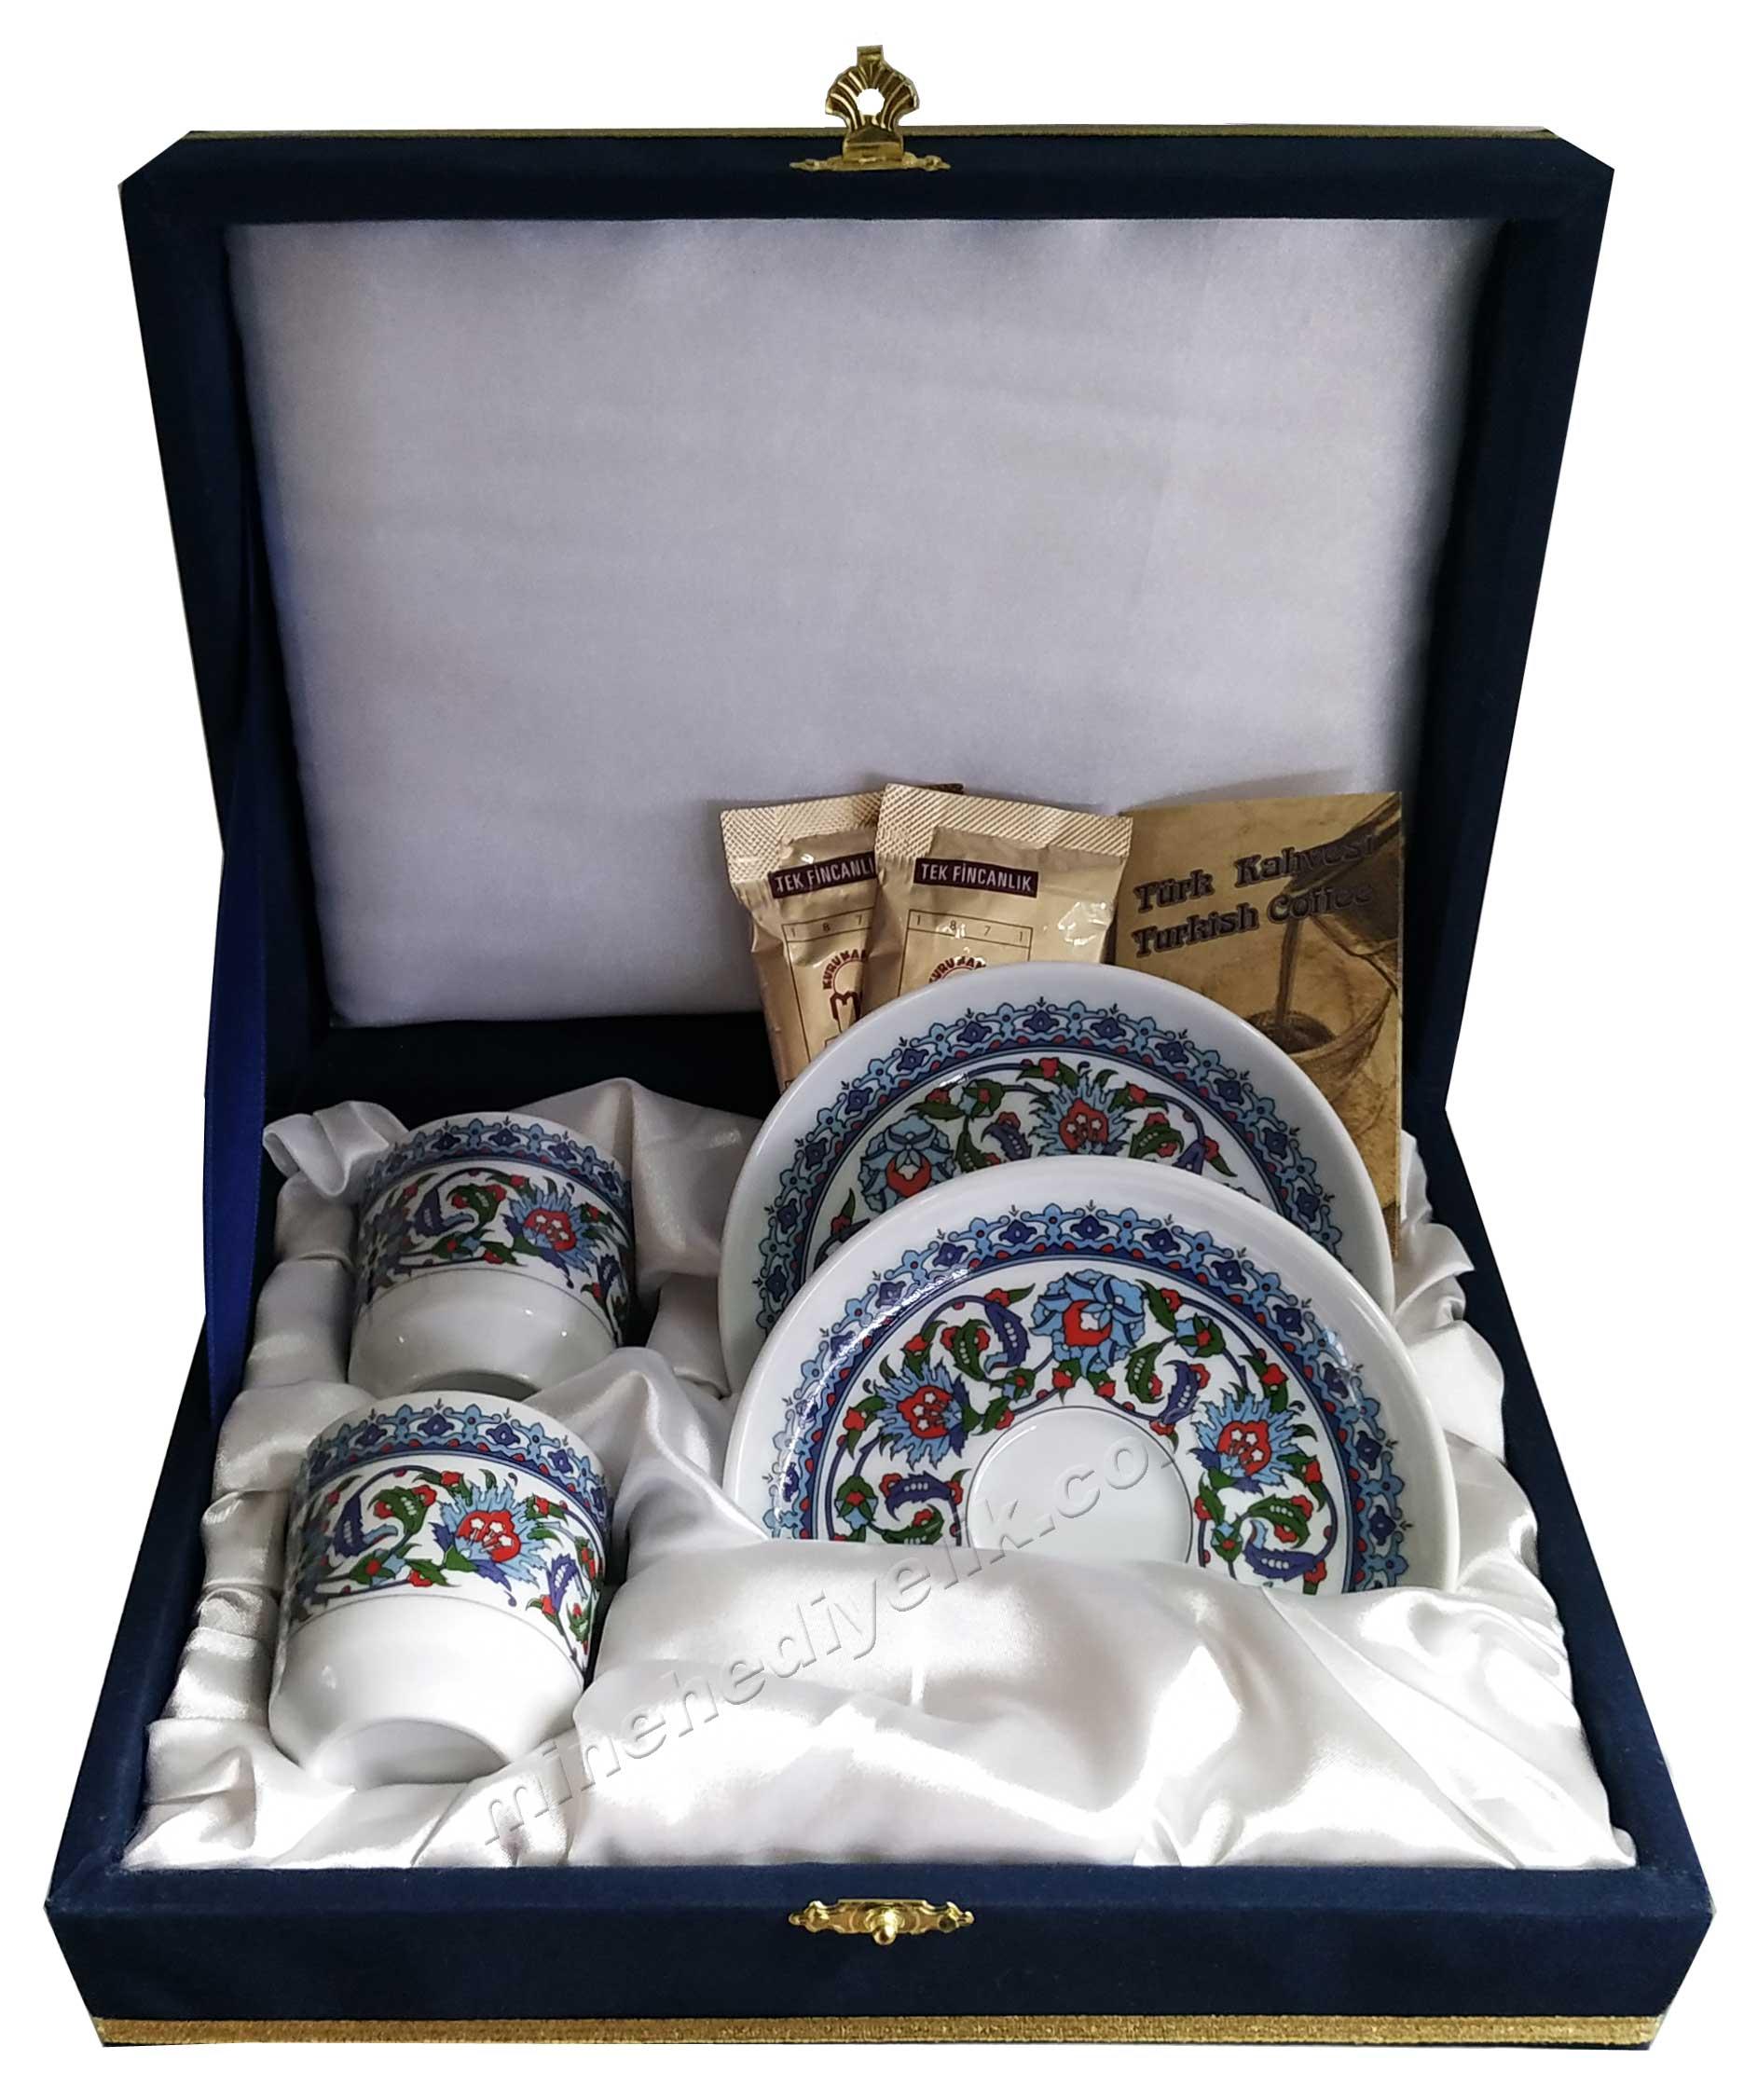 Kaliteli Kişilik Kahve Fincan Setleri Özel Tasarım Kutularda Klasik Desenli Motifli Kahve Hediyeli Osmanlı kahve Fincanı